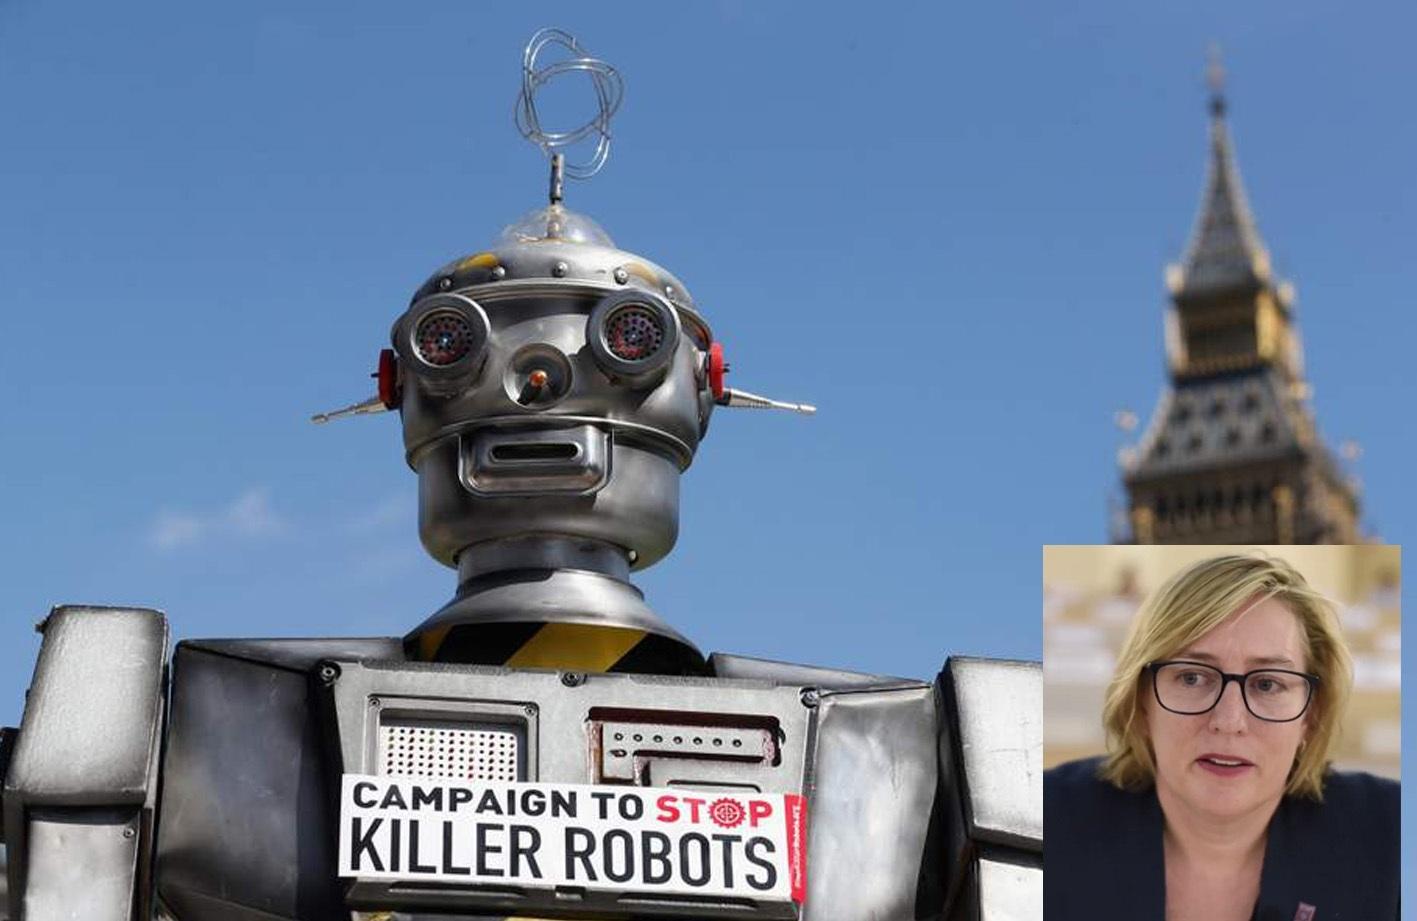 किलर रोबोट पर बंदी लाने में अमरिका, रशिया, इस्राइल का विरोध